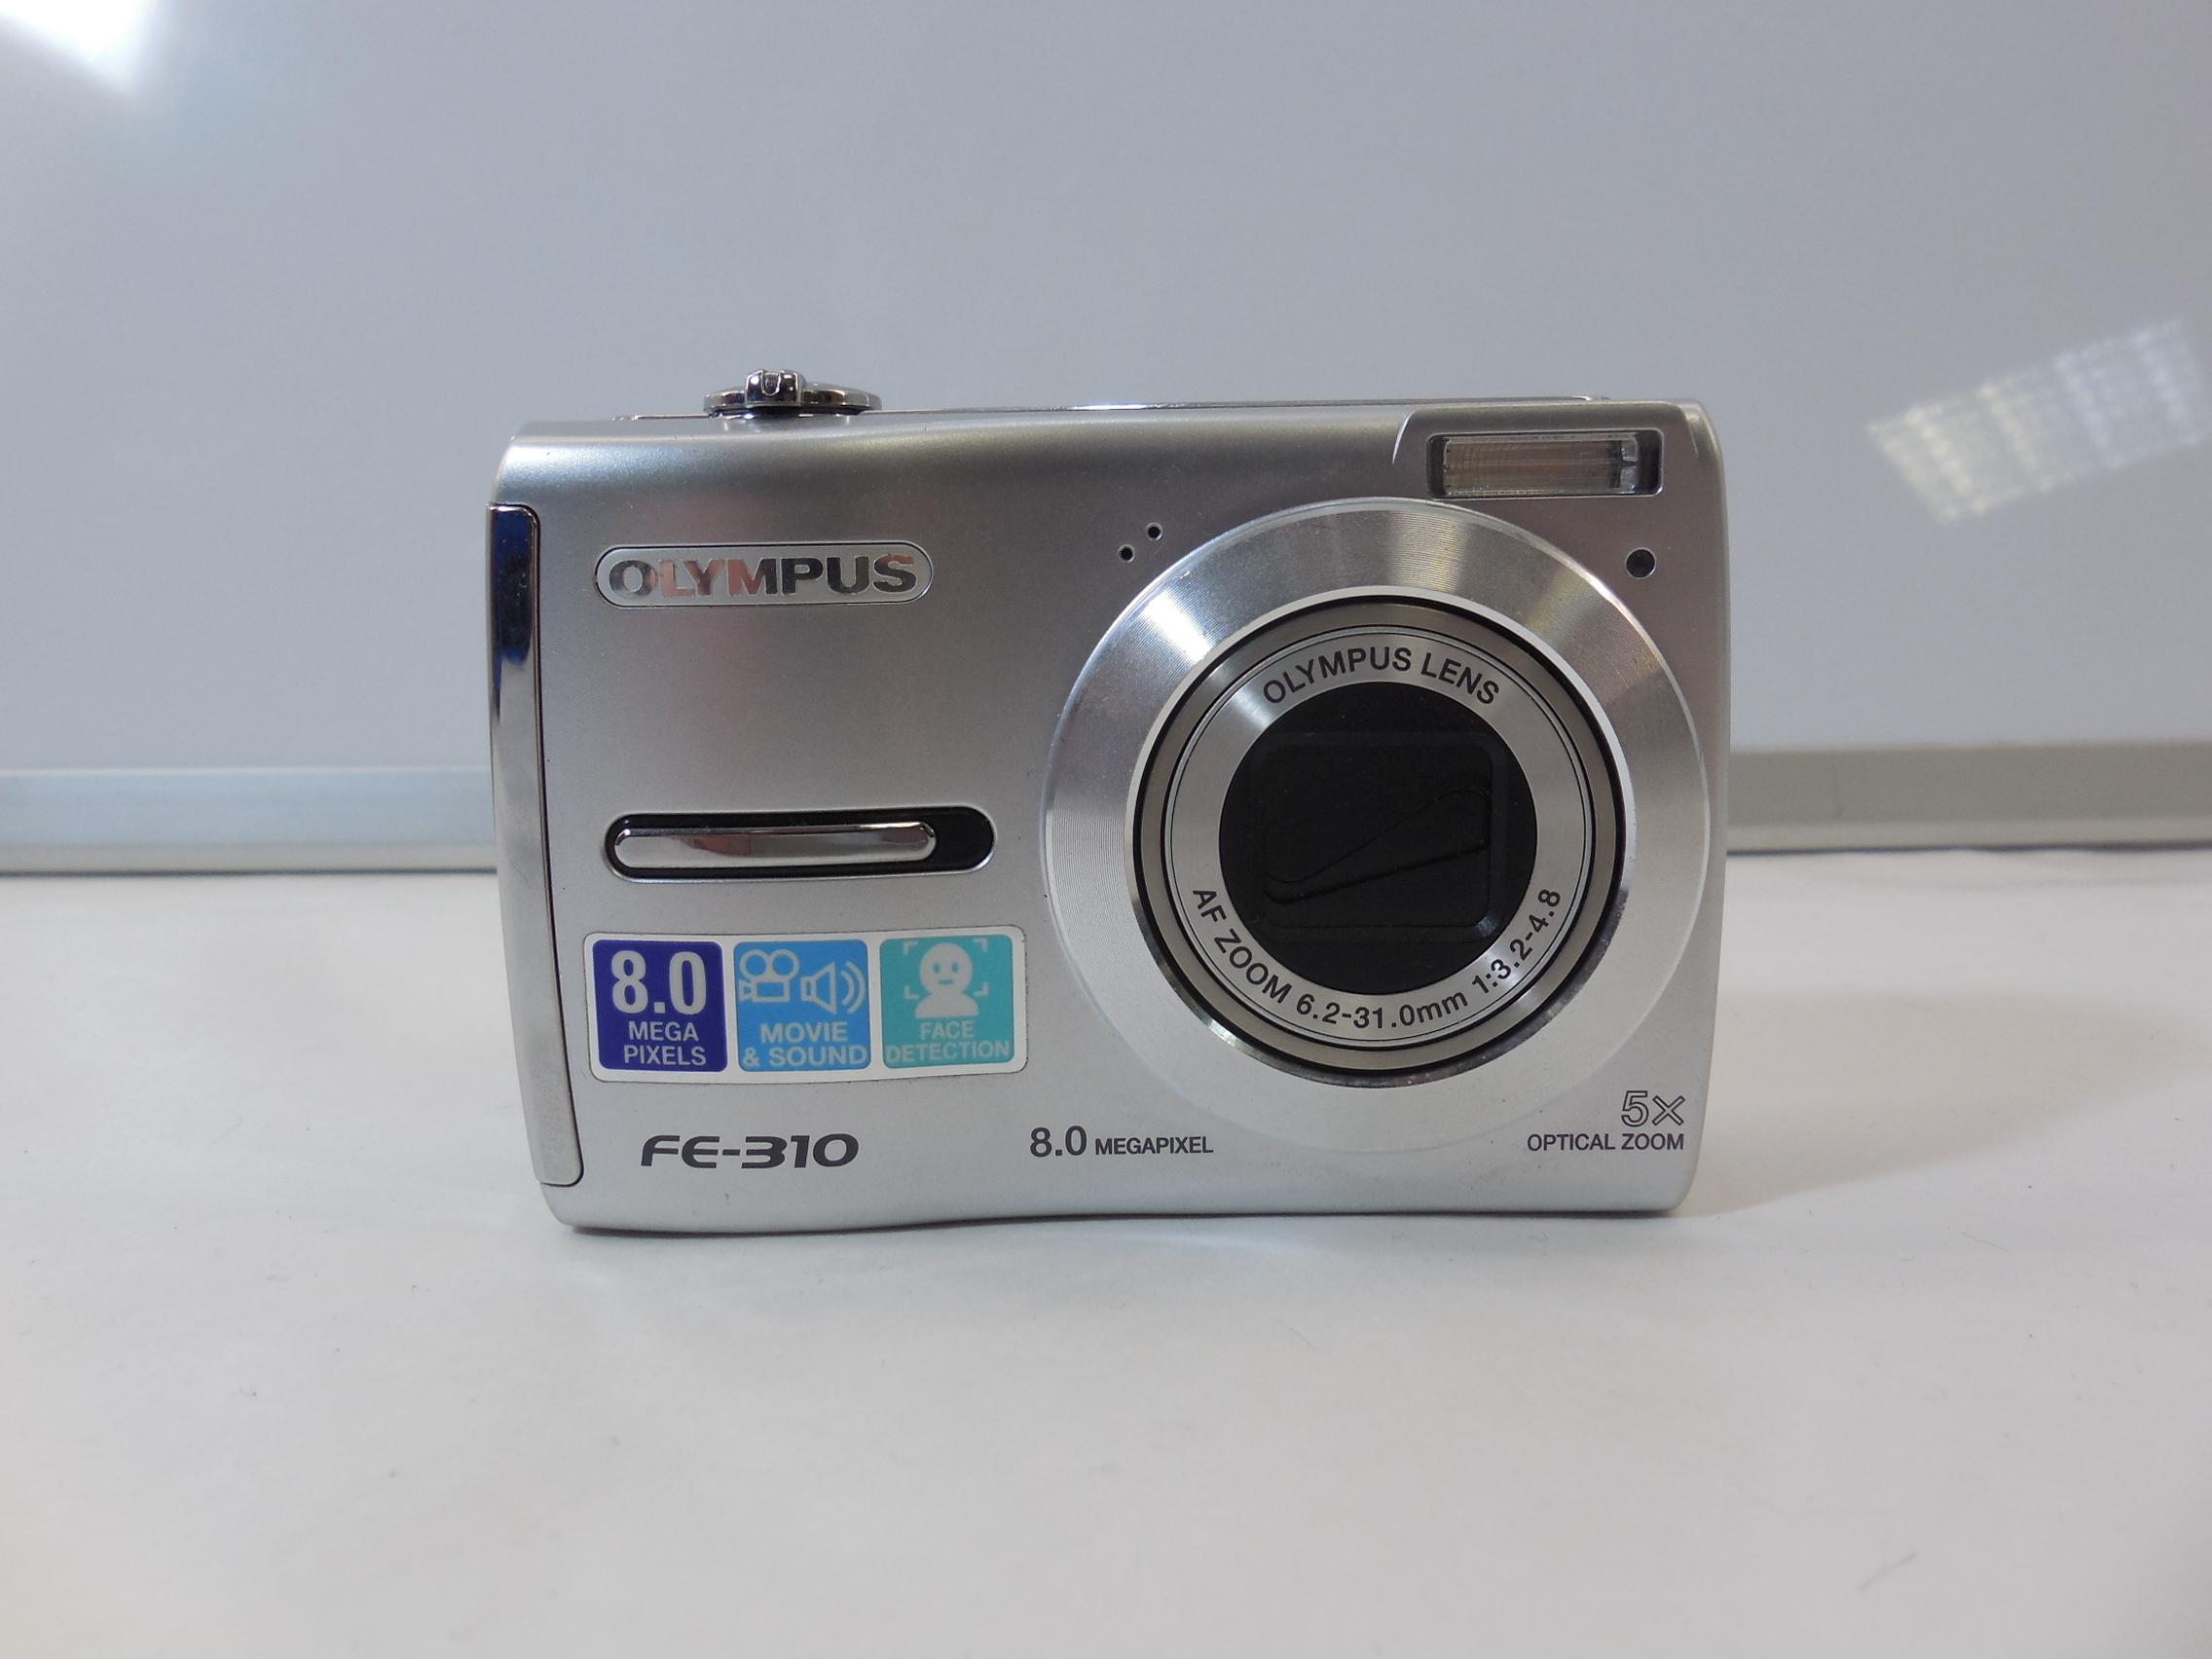 фотоаппарат олимпус не видит карту памяти своей